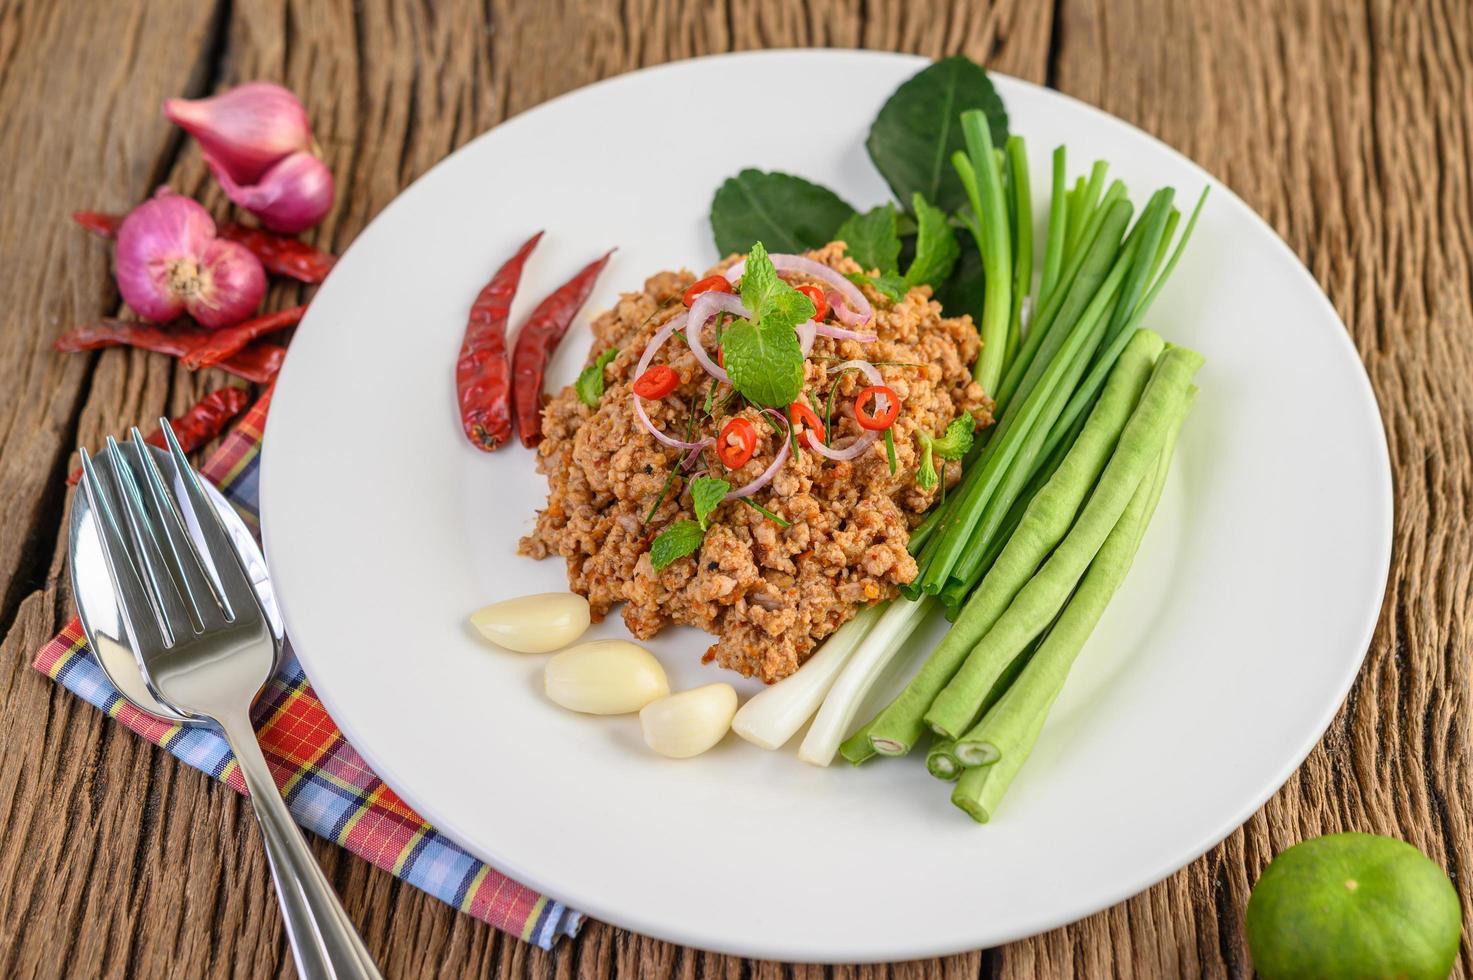 Pittige Varkensgehakt Salade Op Groene Groenten foto